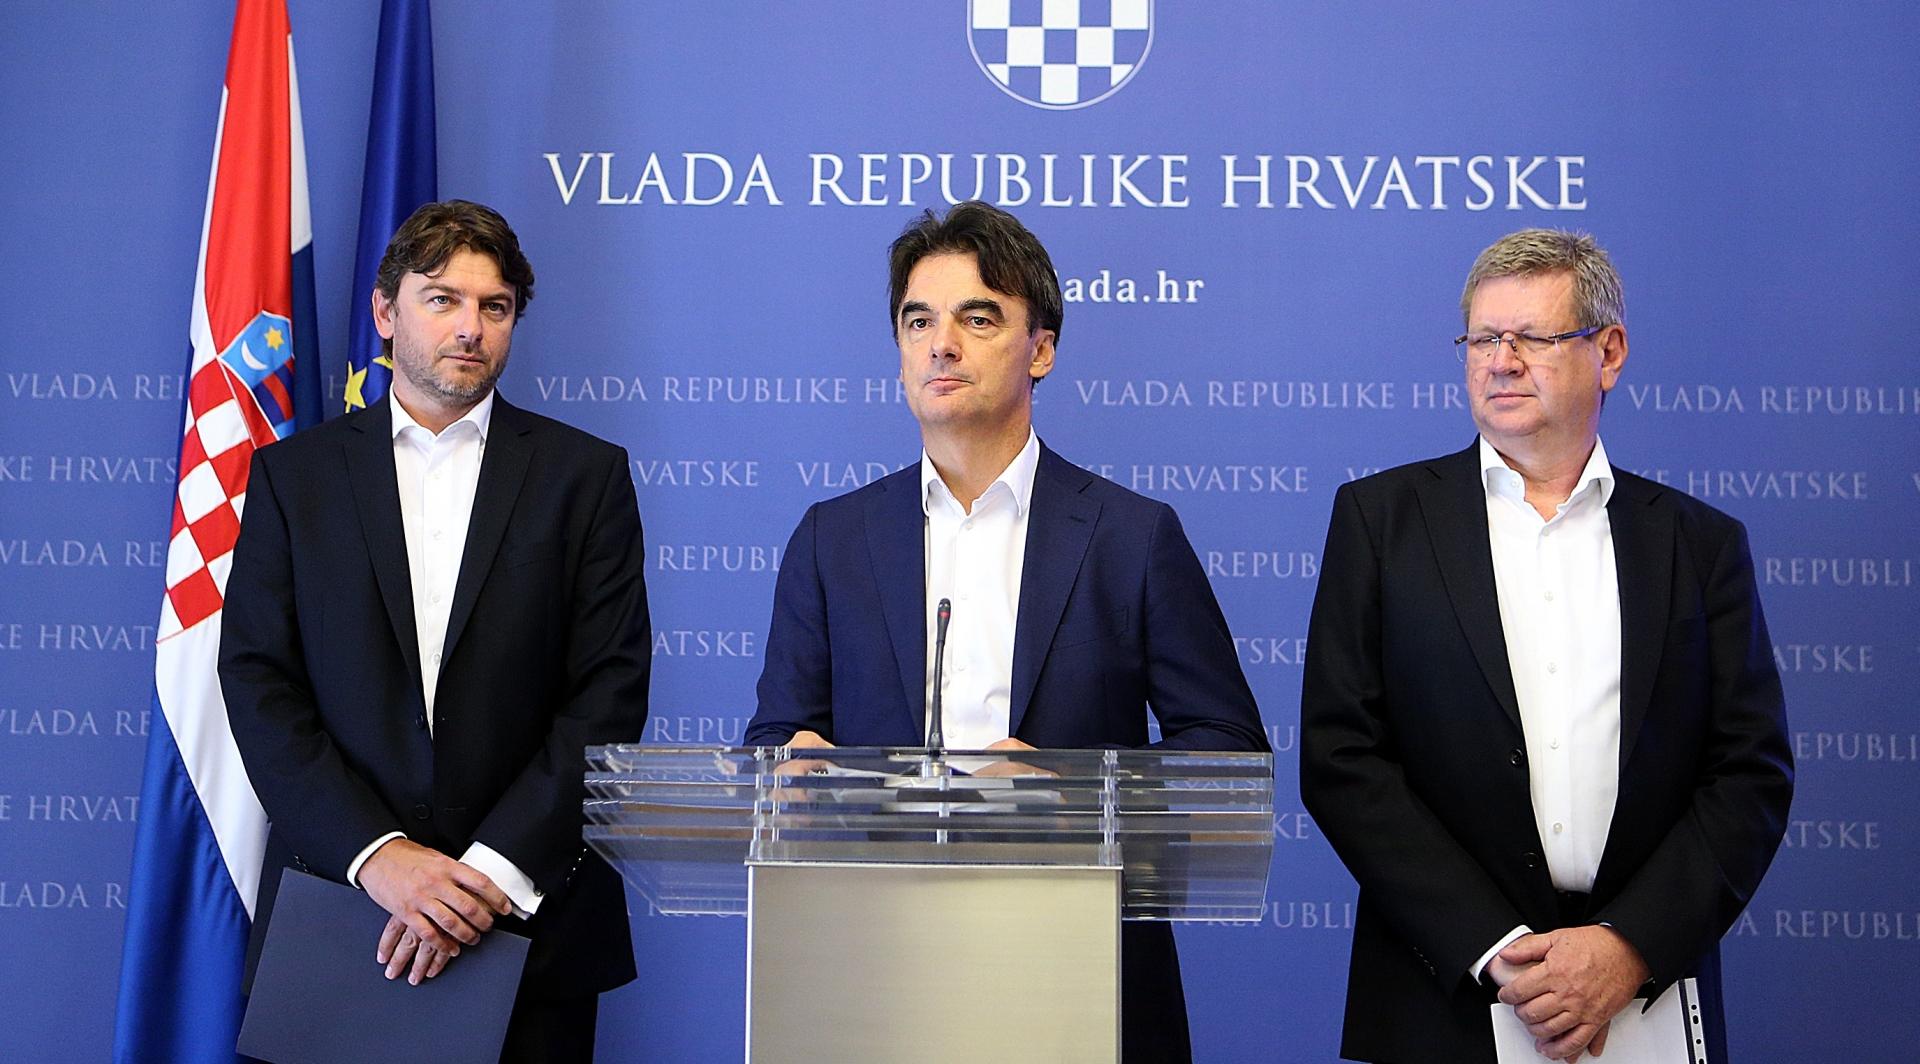 Ministar Grčić poručio građanima: Možete početi trošiti kune koje ste stavljali na stranu